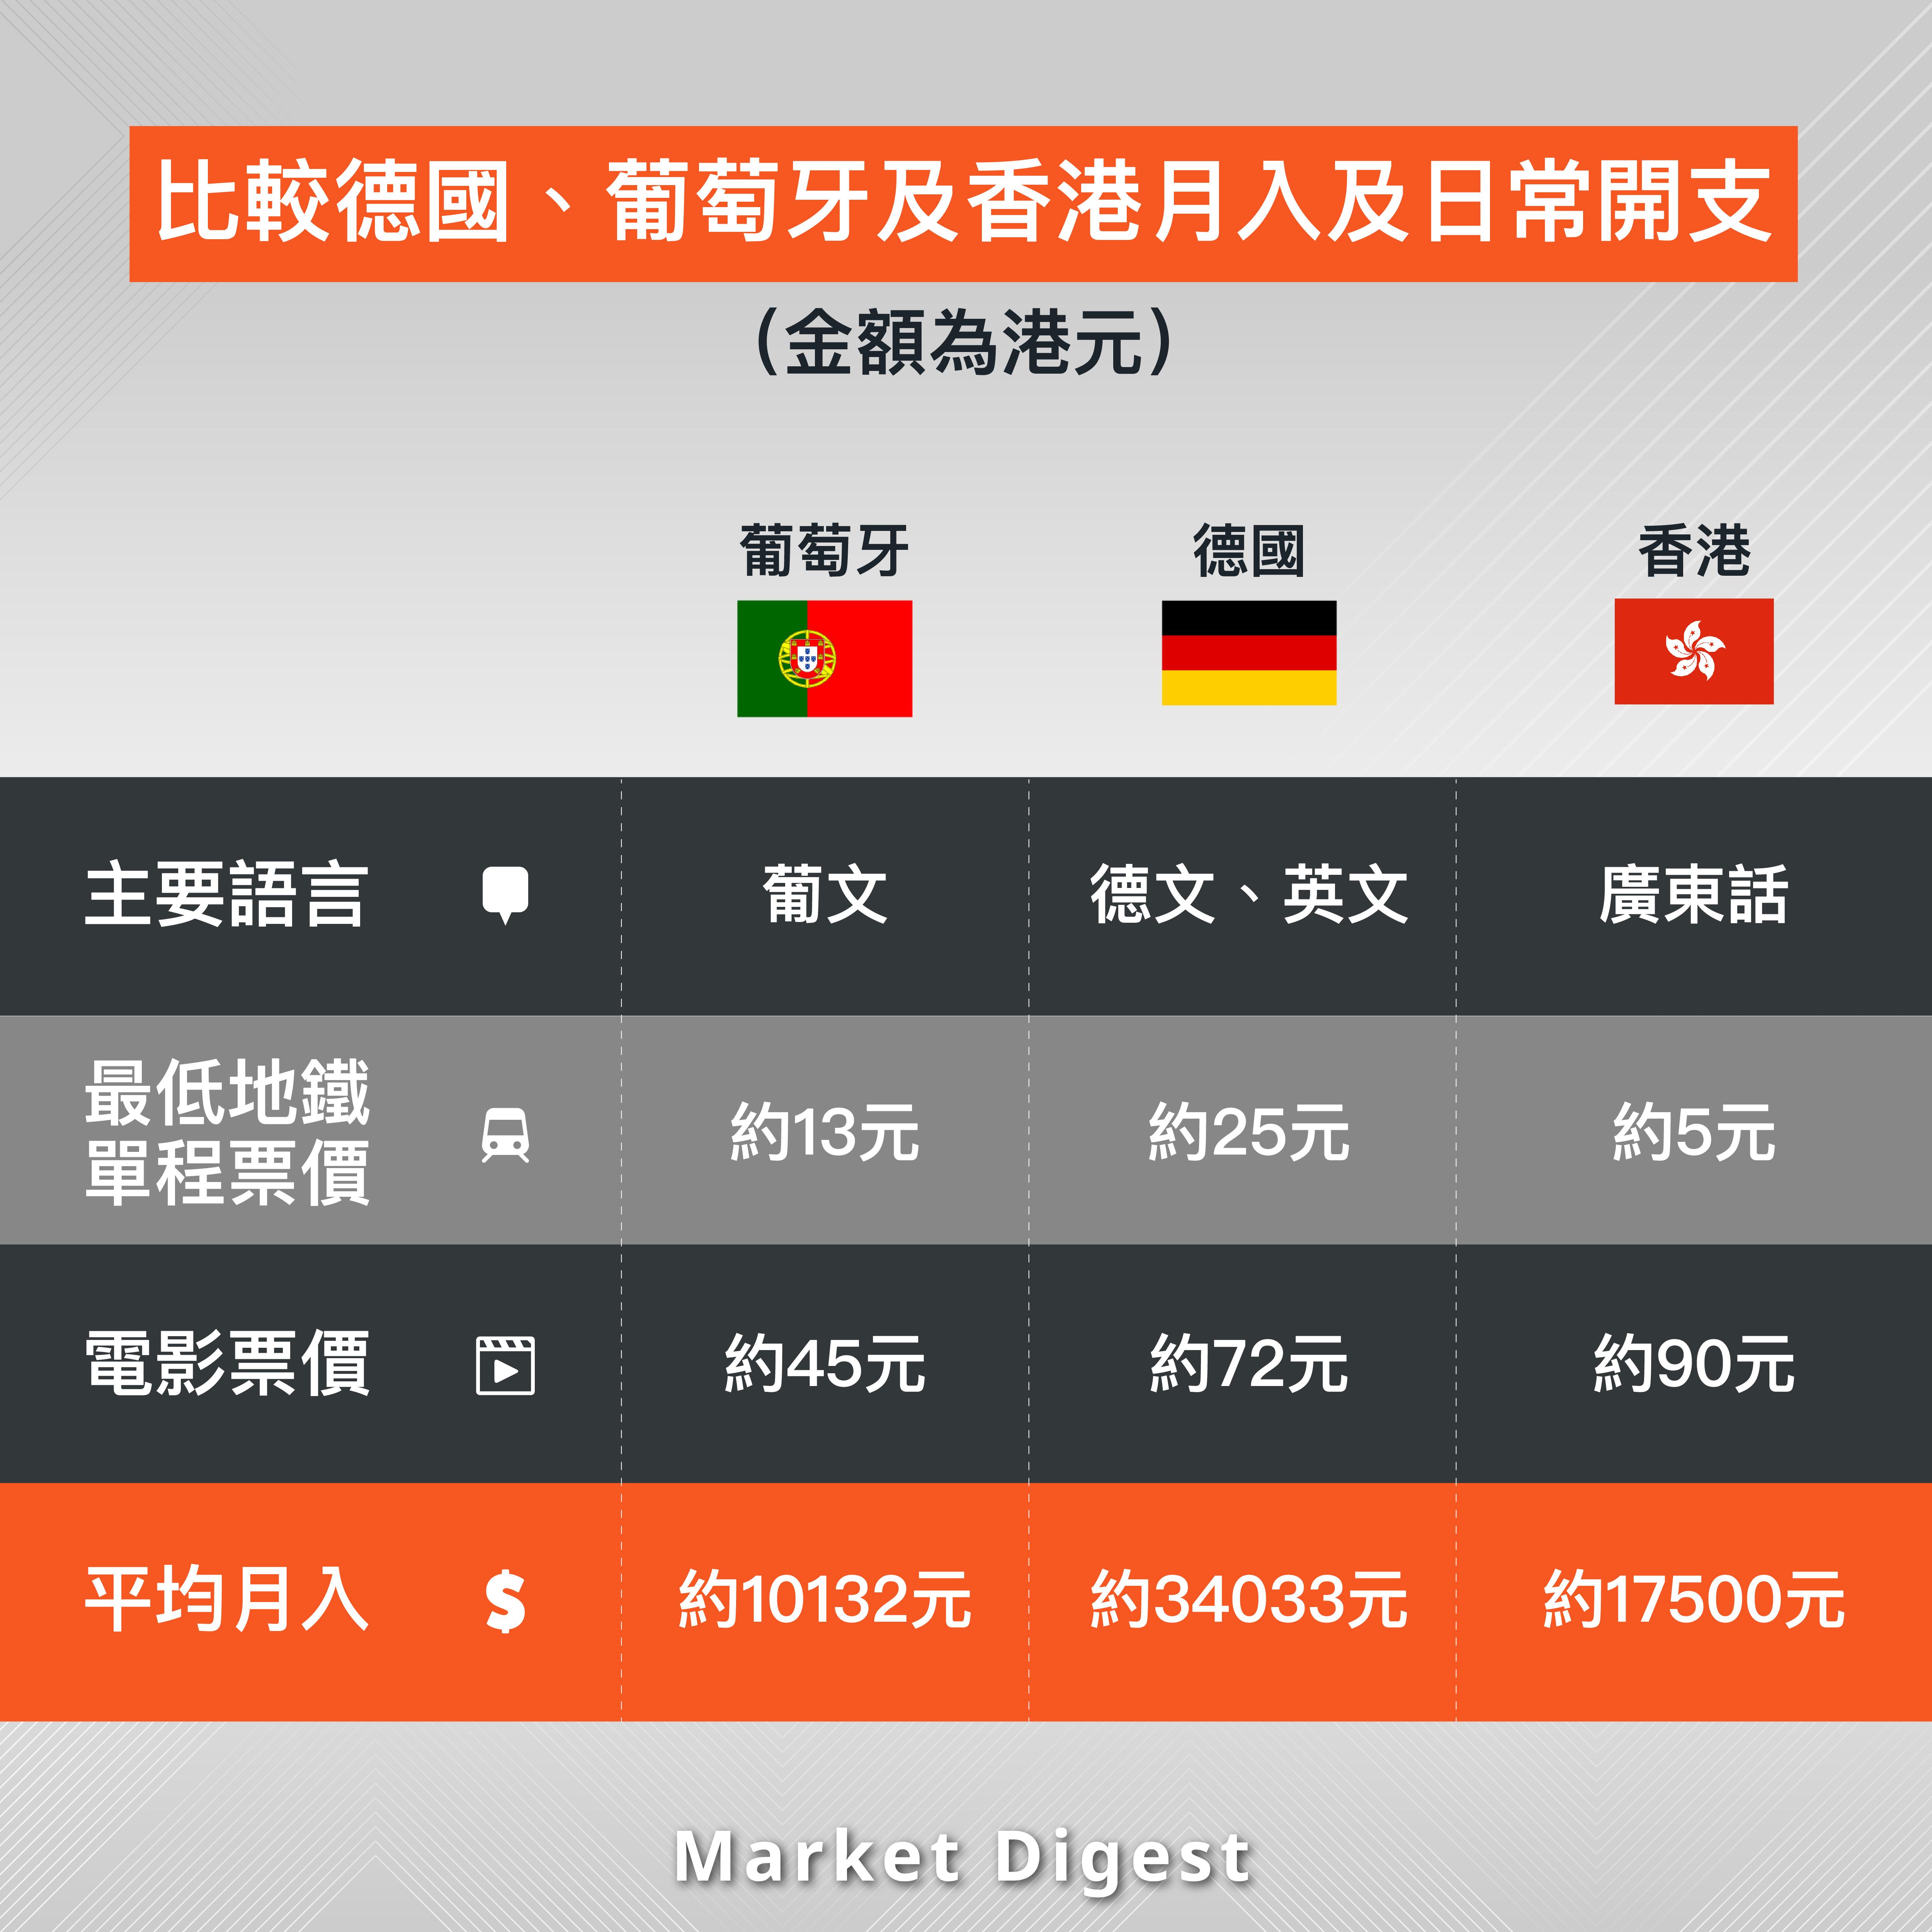 【移民攻略】比較德國、葡萄牙及香港月入及日常開支